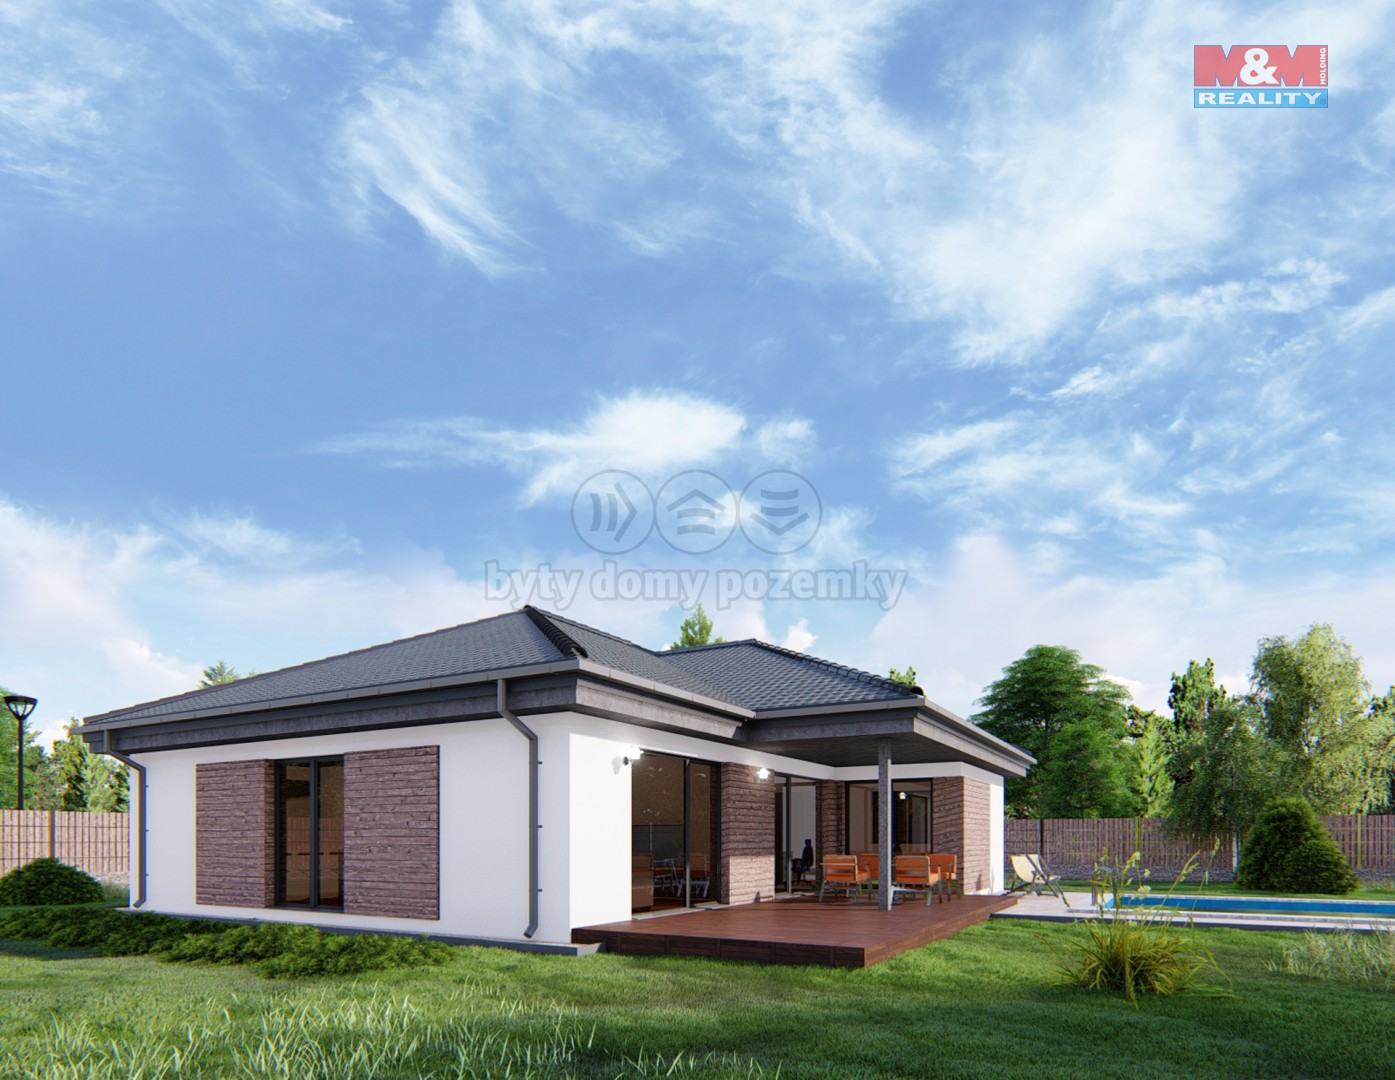 Prodej, rodinný dům 4+kk, 114 m2, pozemek 1247 m2, Libštát